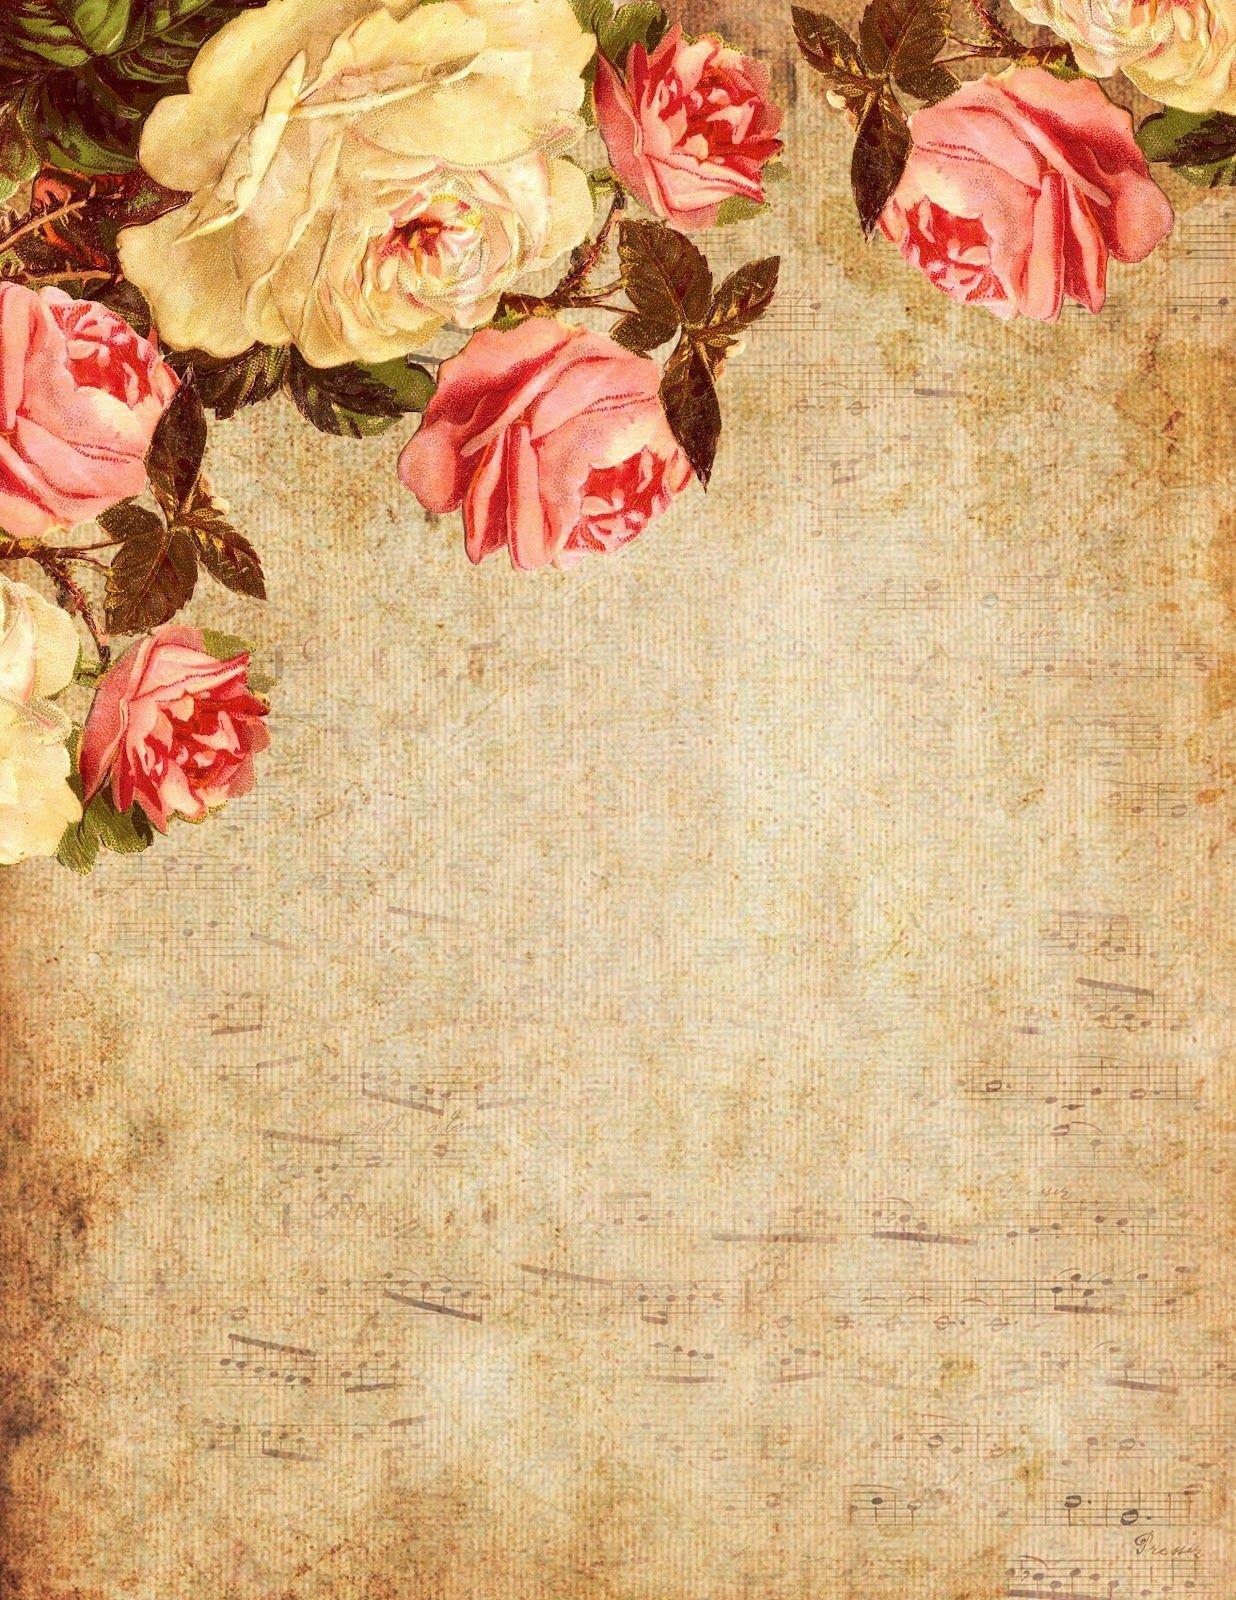 моменты открытки под старину цветы заболевания, травмы патологии